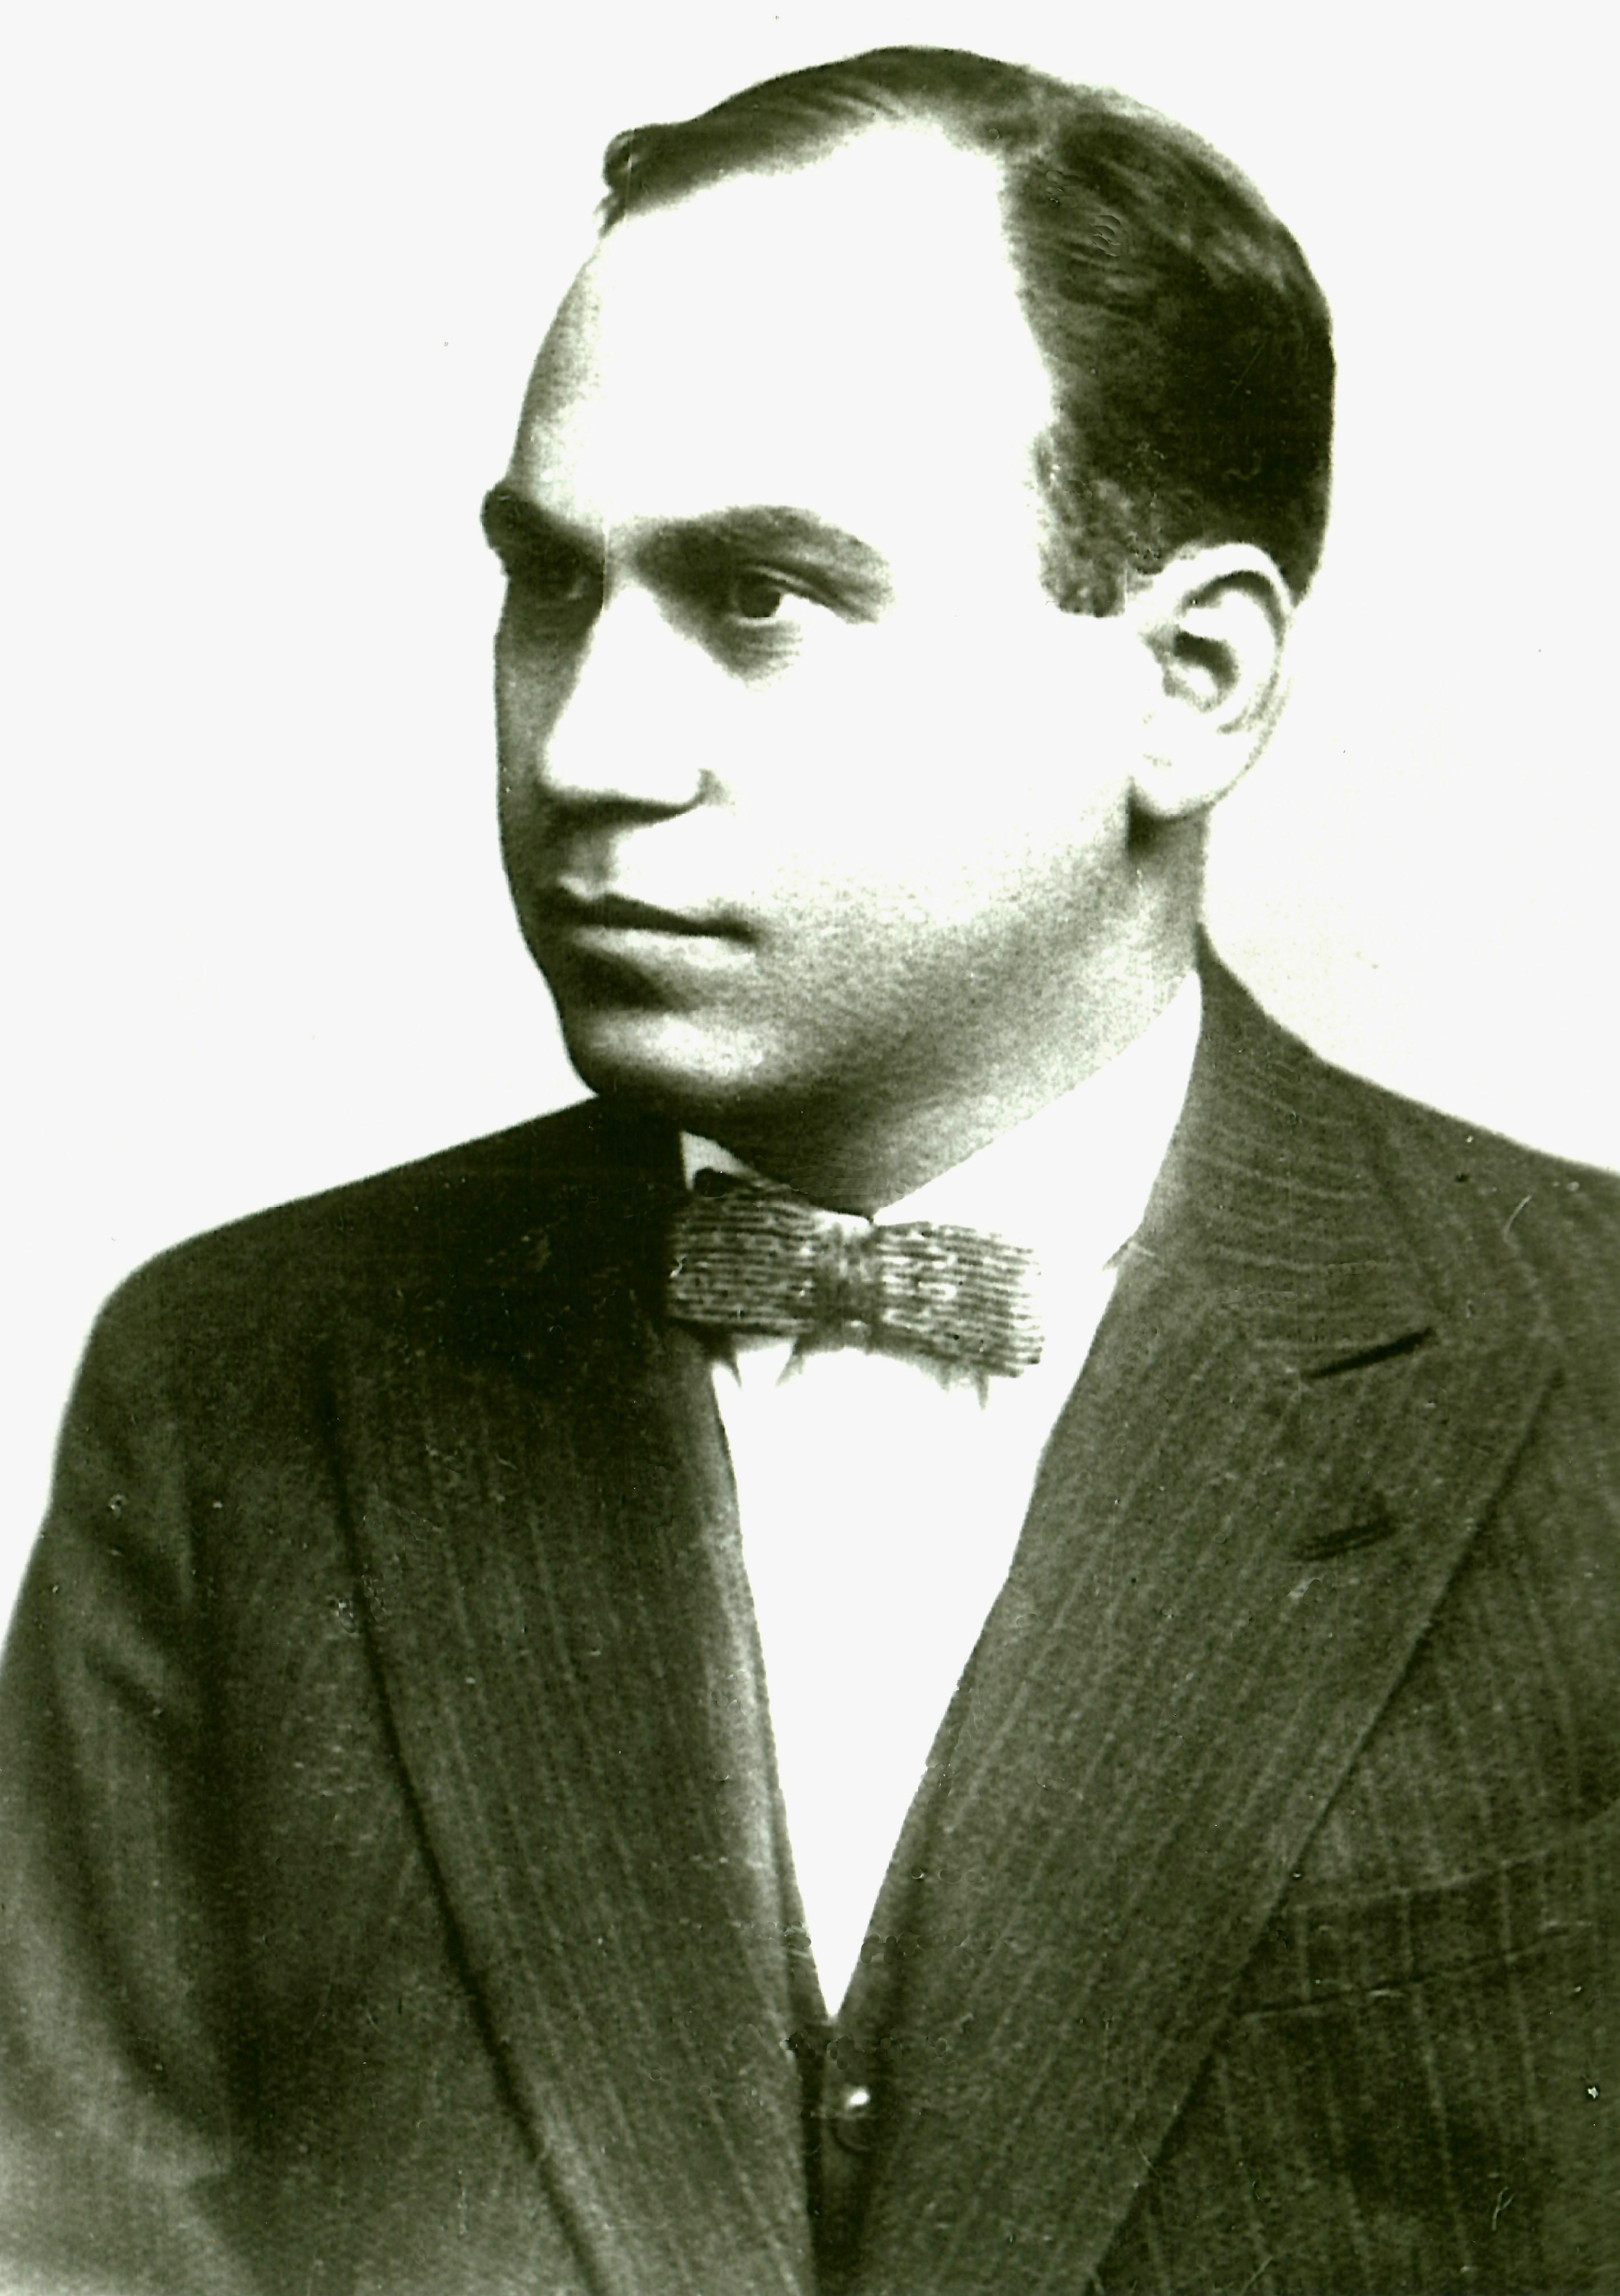 image of Dumitru Bagdasar